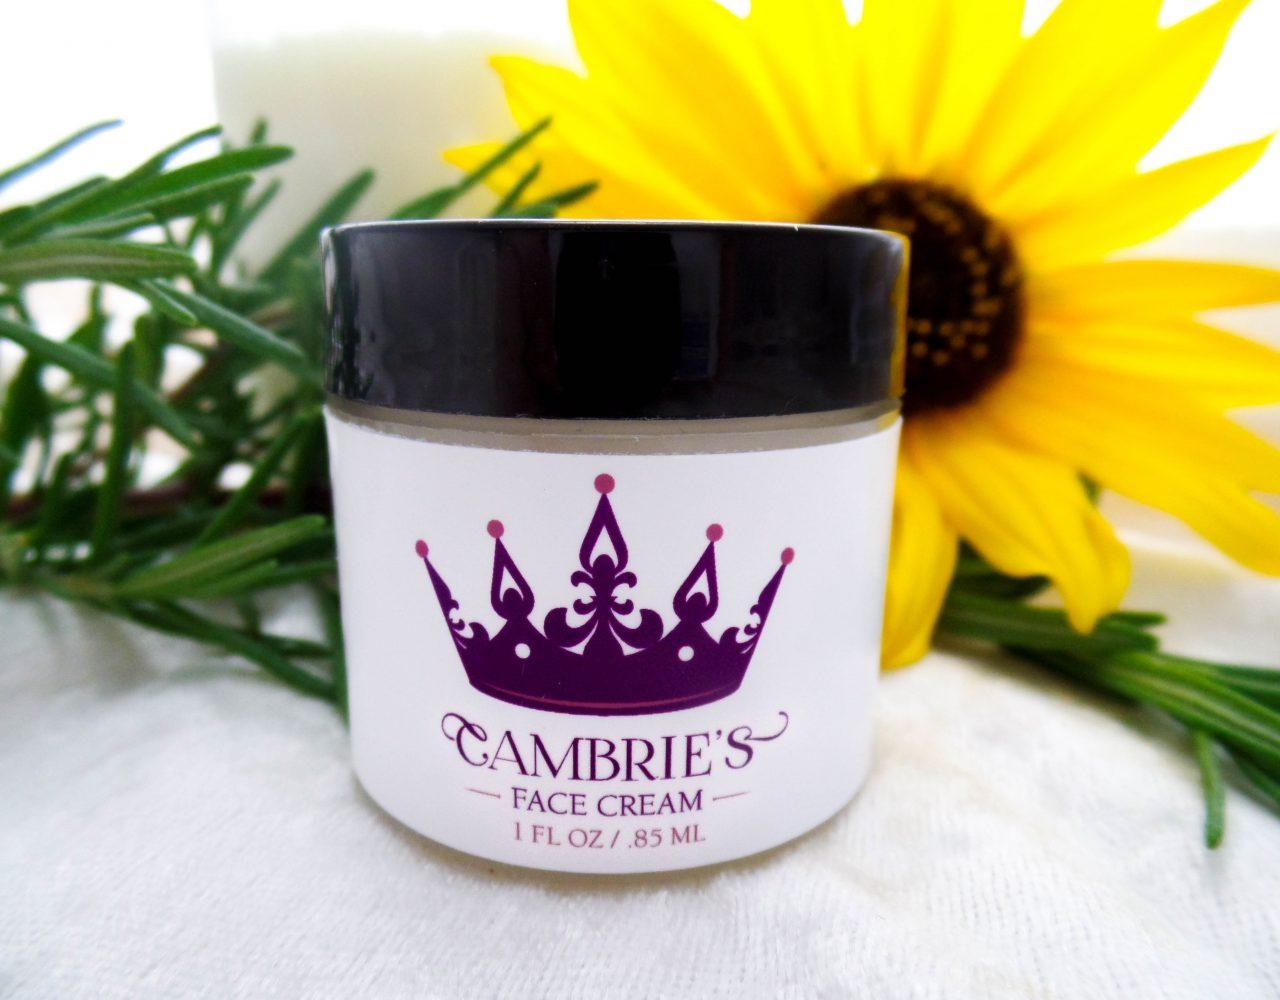 Cambries Face Cream Label